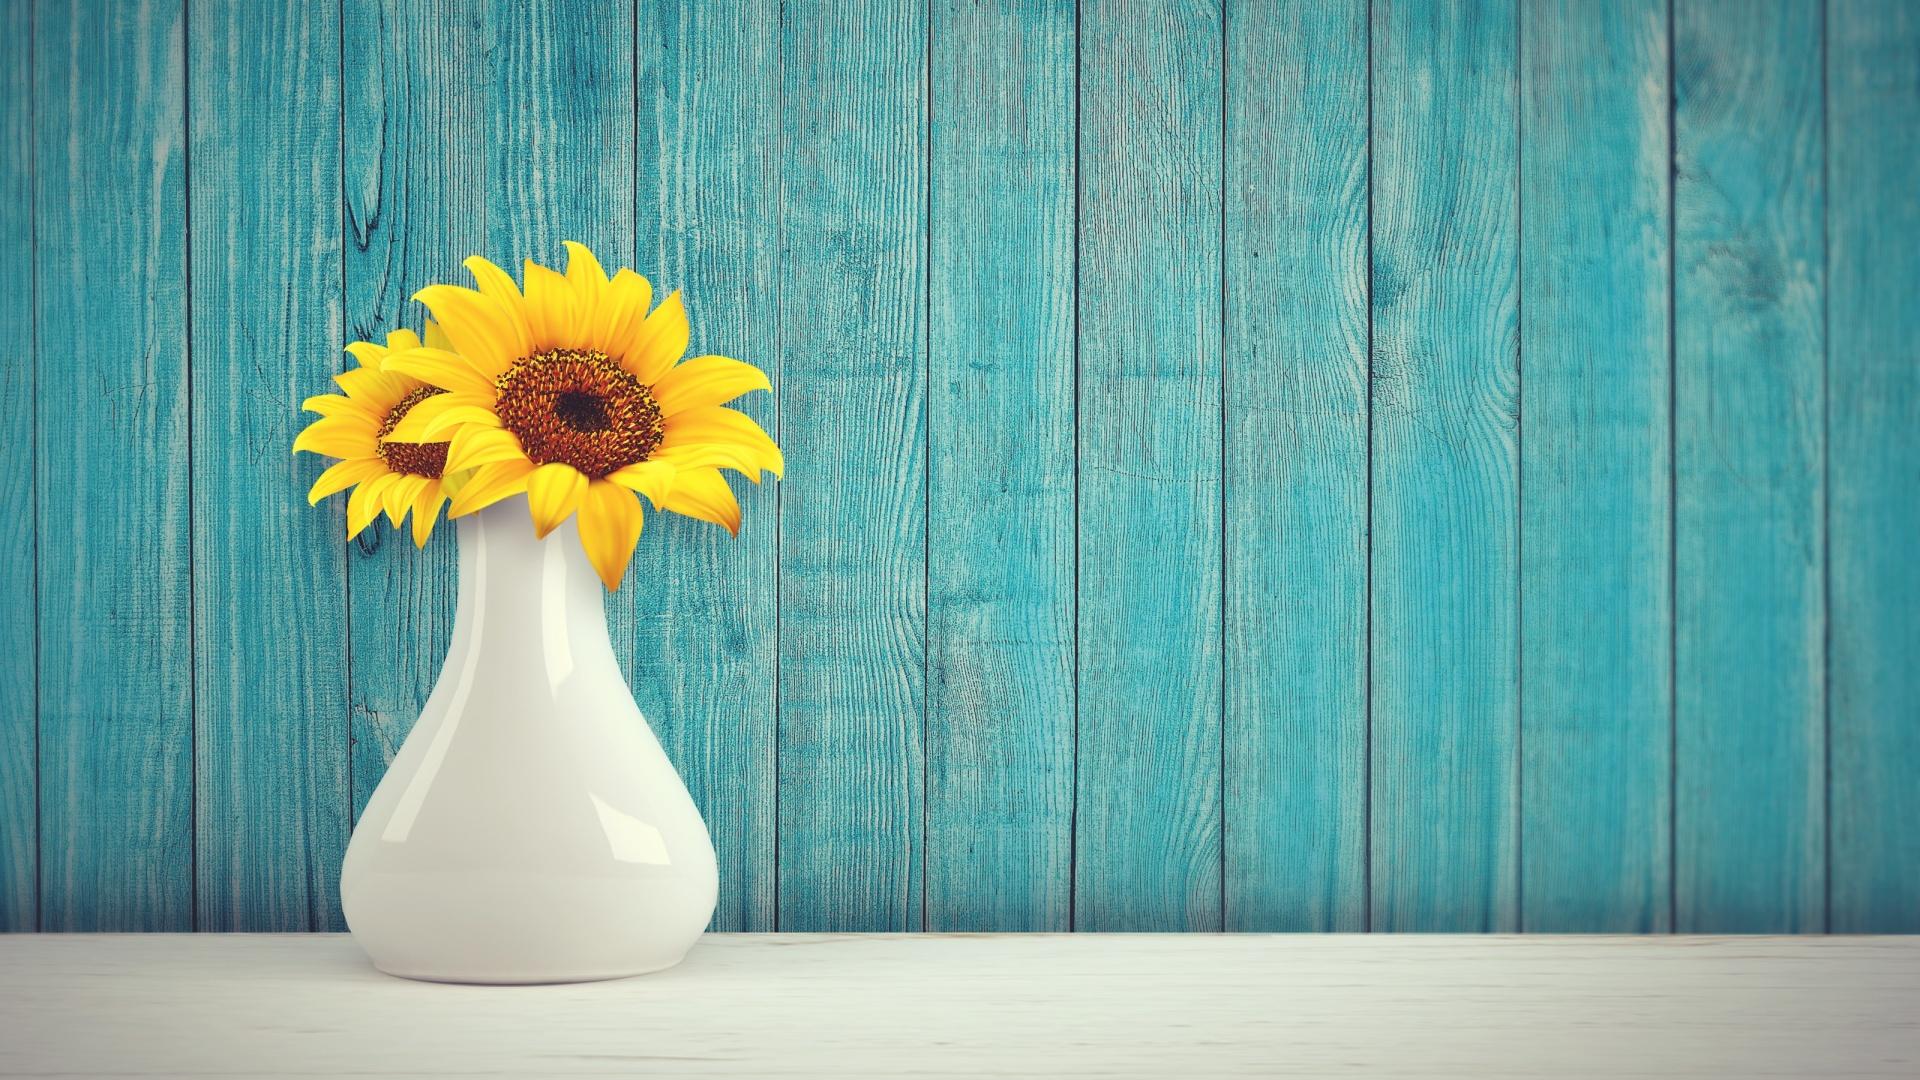 Sunflowers 4k Wallpaper Flower Vase Wooden Background